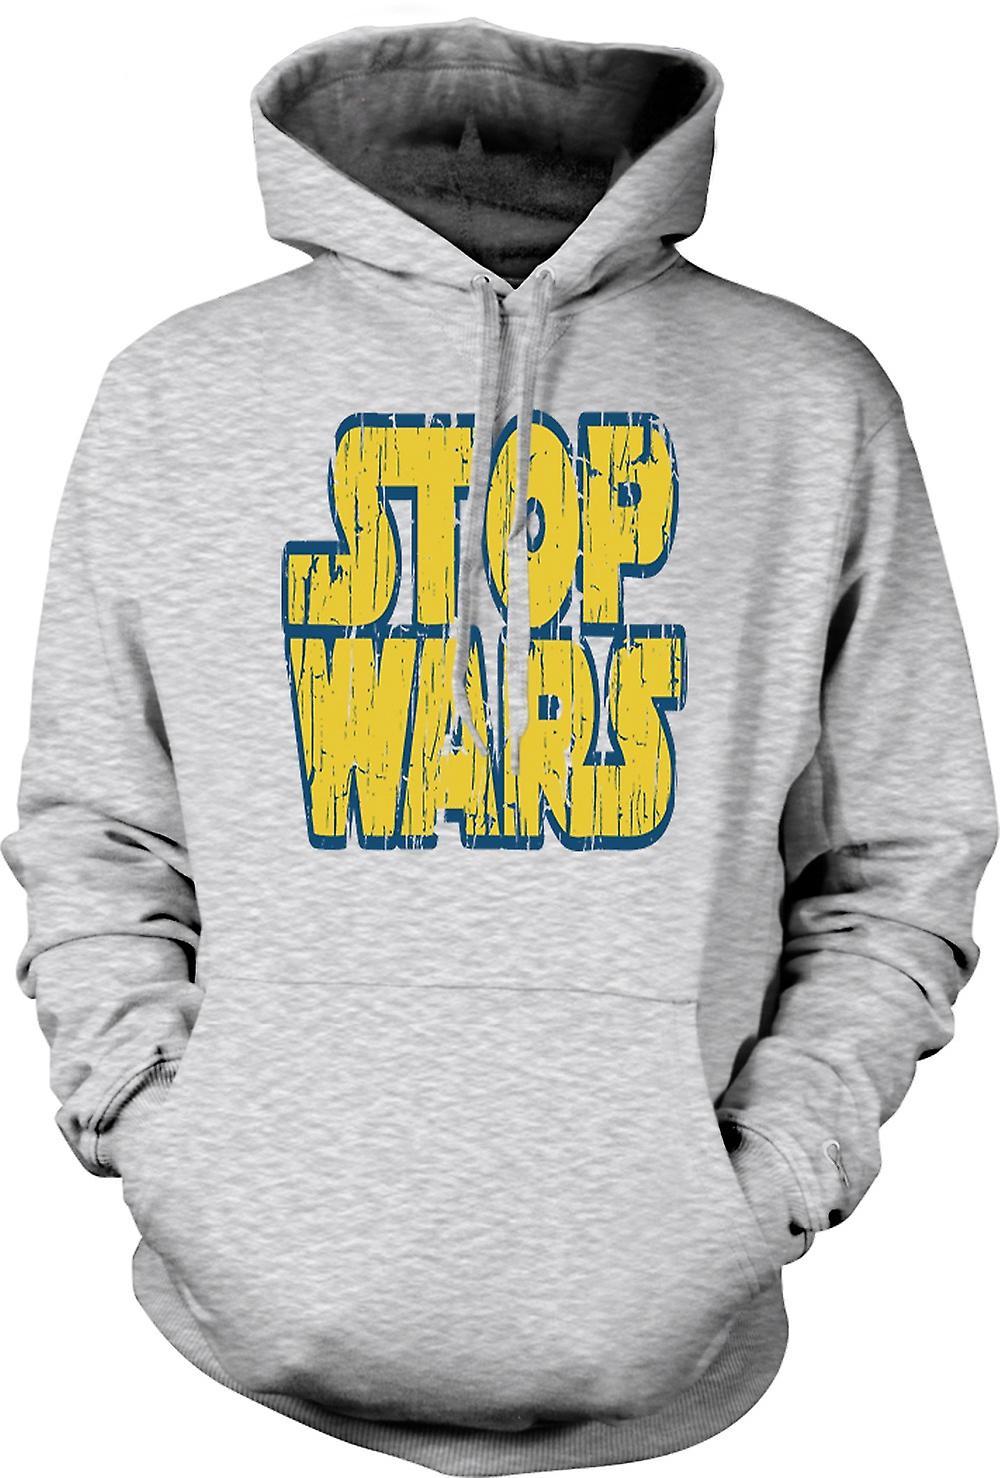 Mens Hoodie - Stop krig (Star Wars) - konspiration - Funny